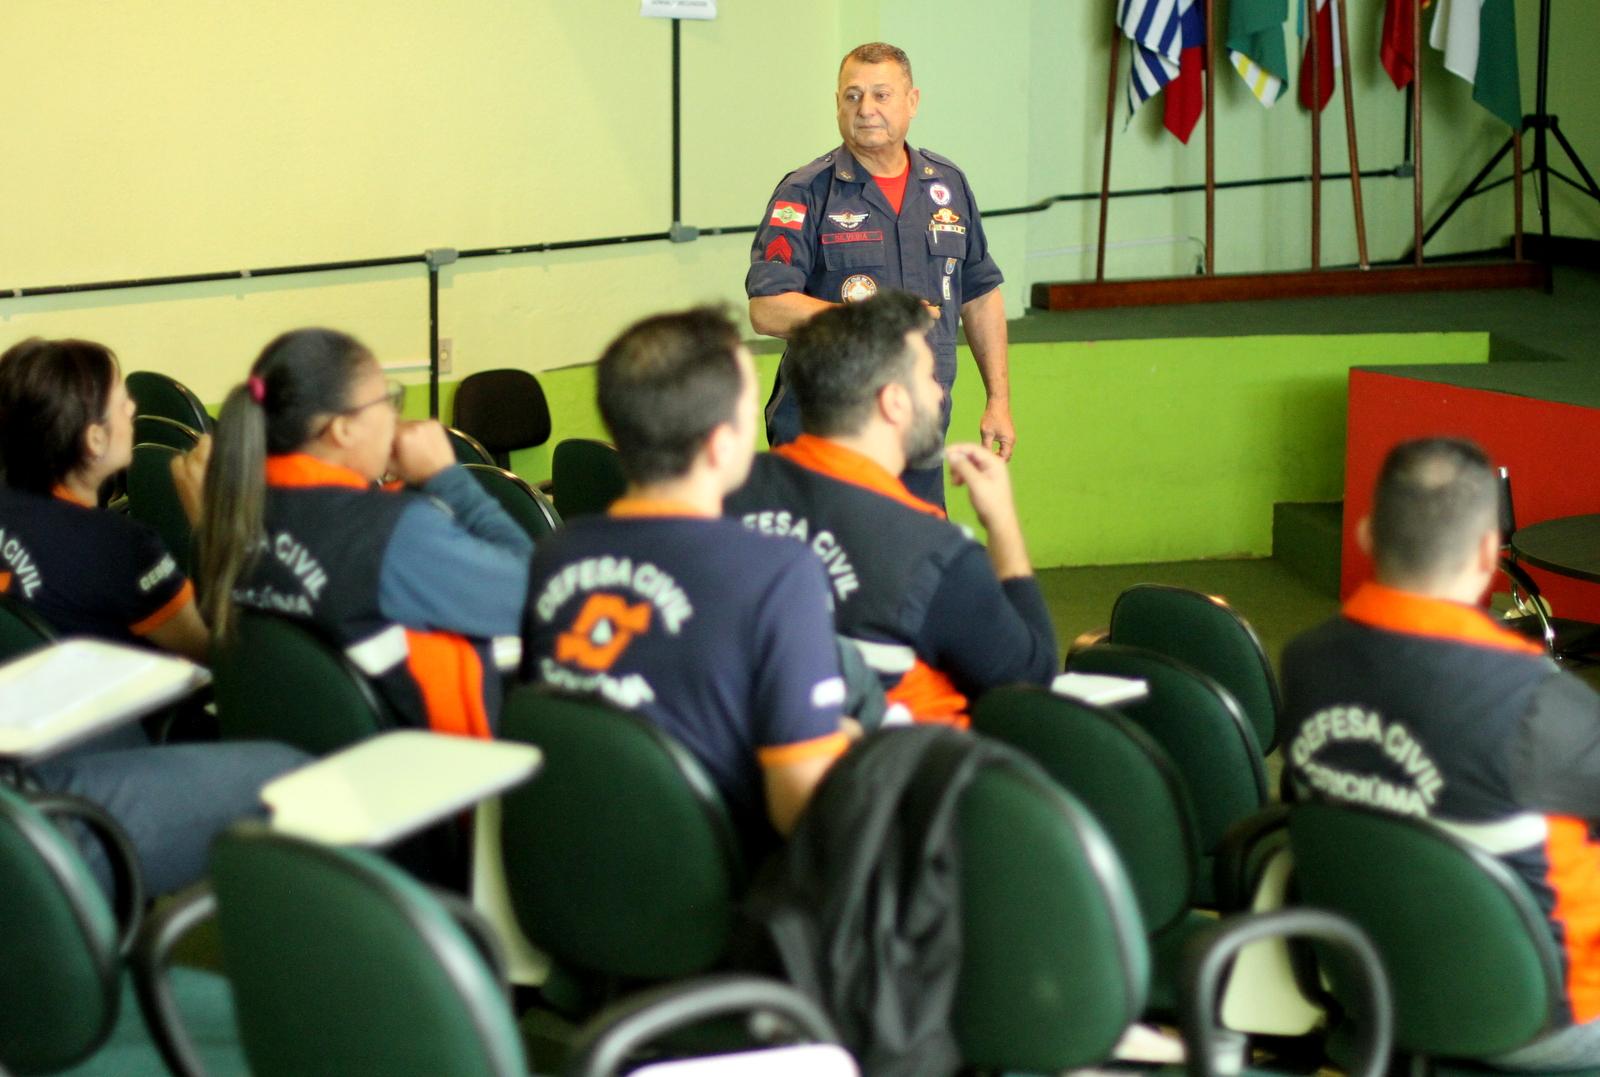 Agentes_da_Defesa_Civil_de_Criciuma_recebem_capacitacao_sobre_primeiros_socorros_Foto_de_Jhulian_Pereira_1.JPG